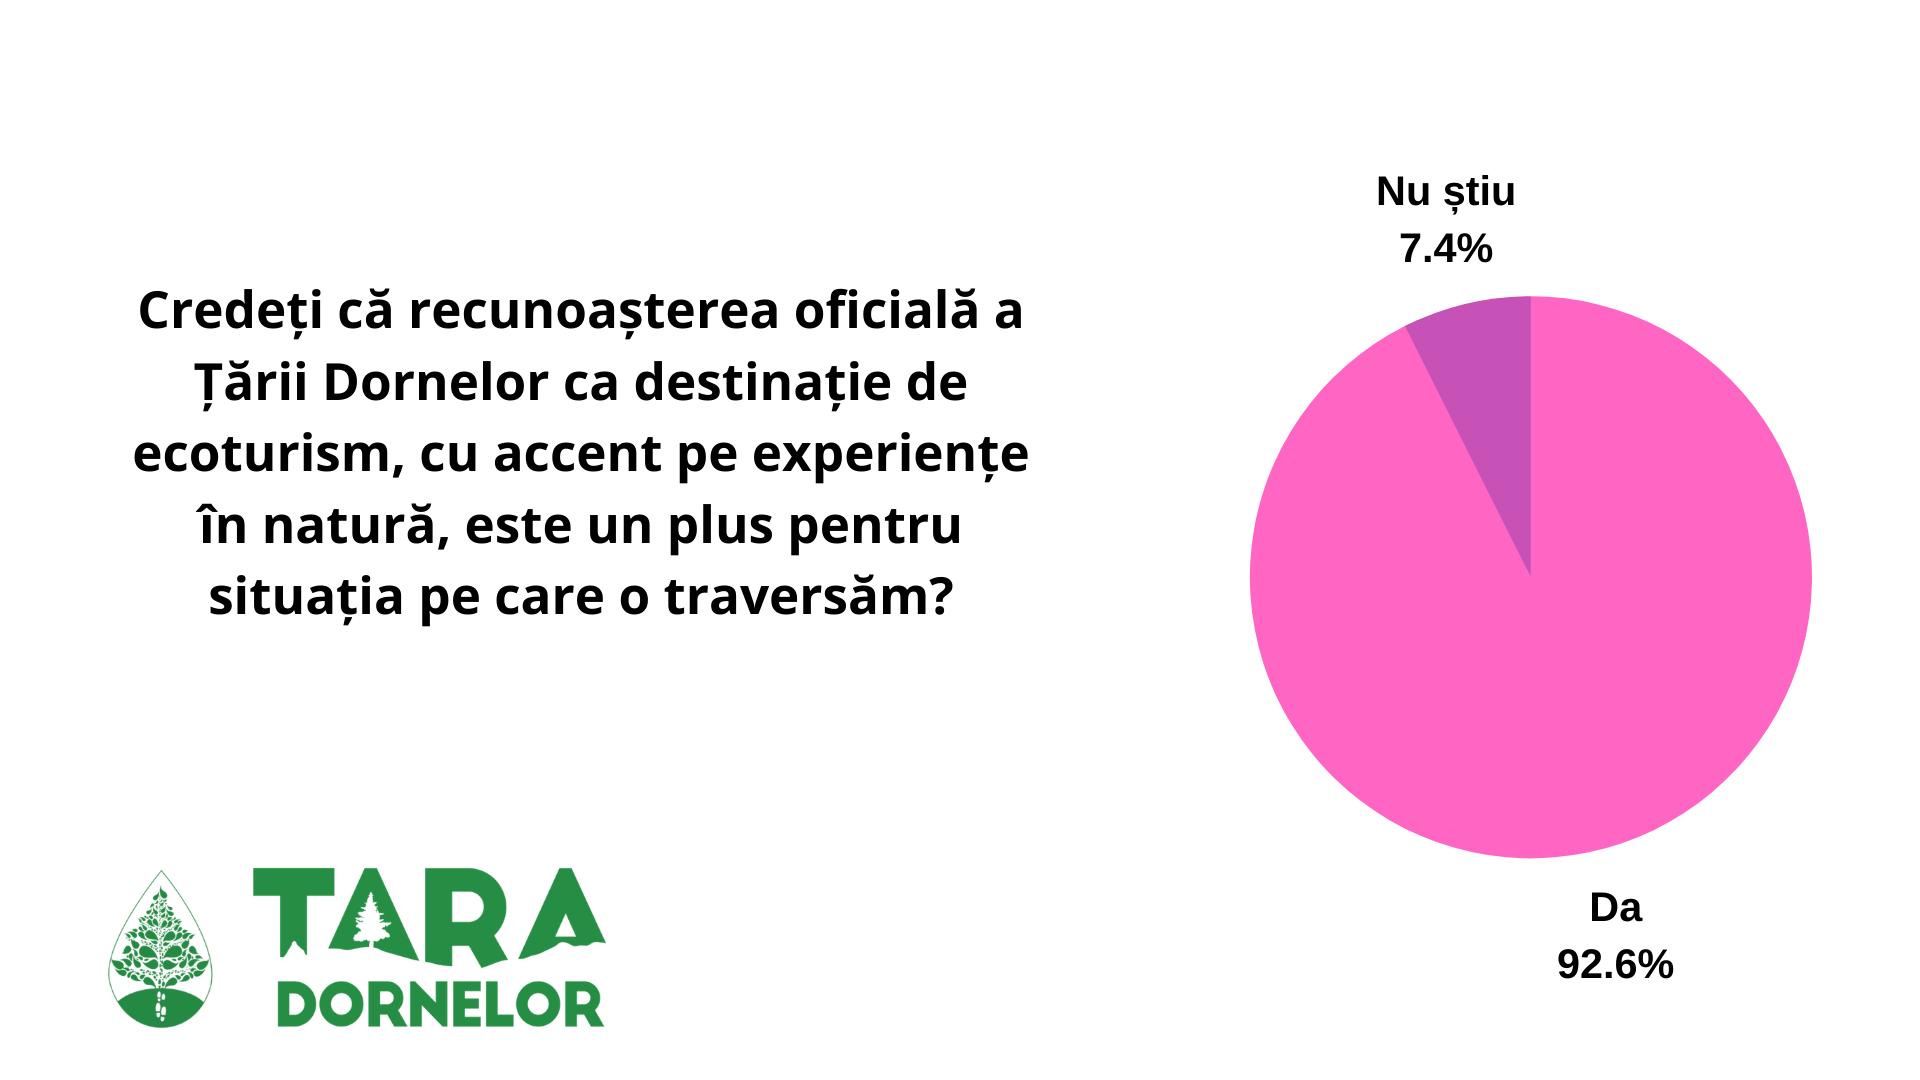 Credeți că recunoașterea oficială a Țării Dornelor ca destinație de ecoturism, cu accent pe experiențe în natură, este un plus pentru situația pe care o traversăm